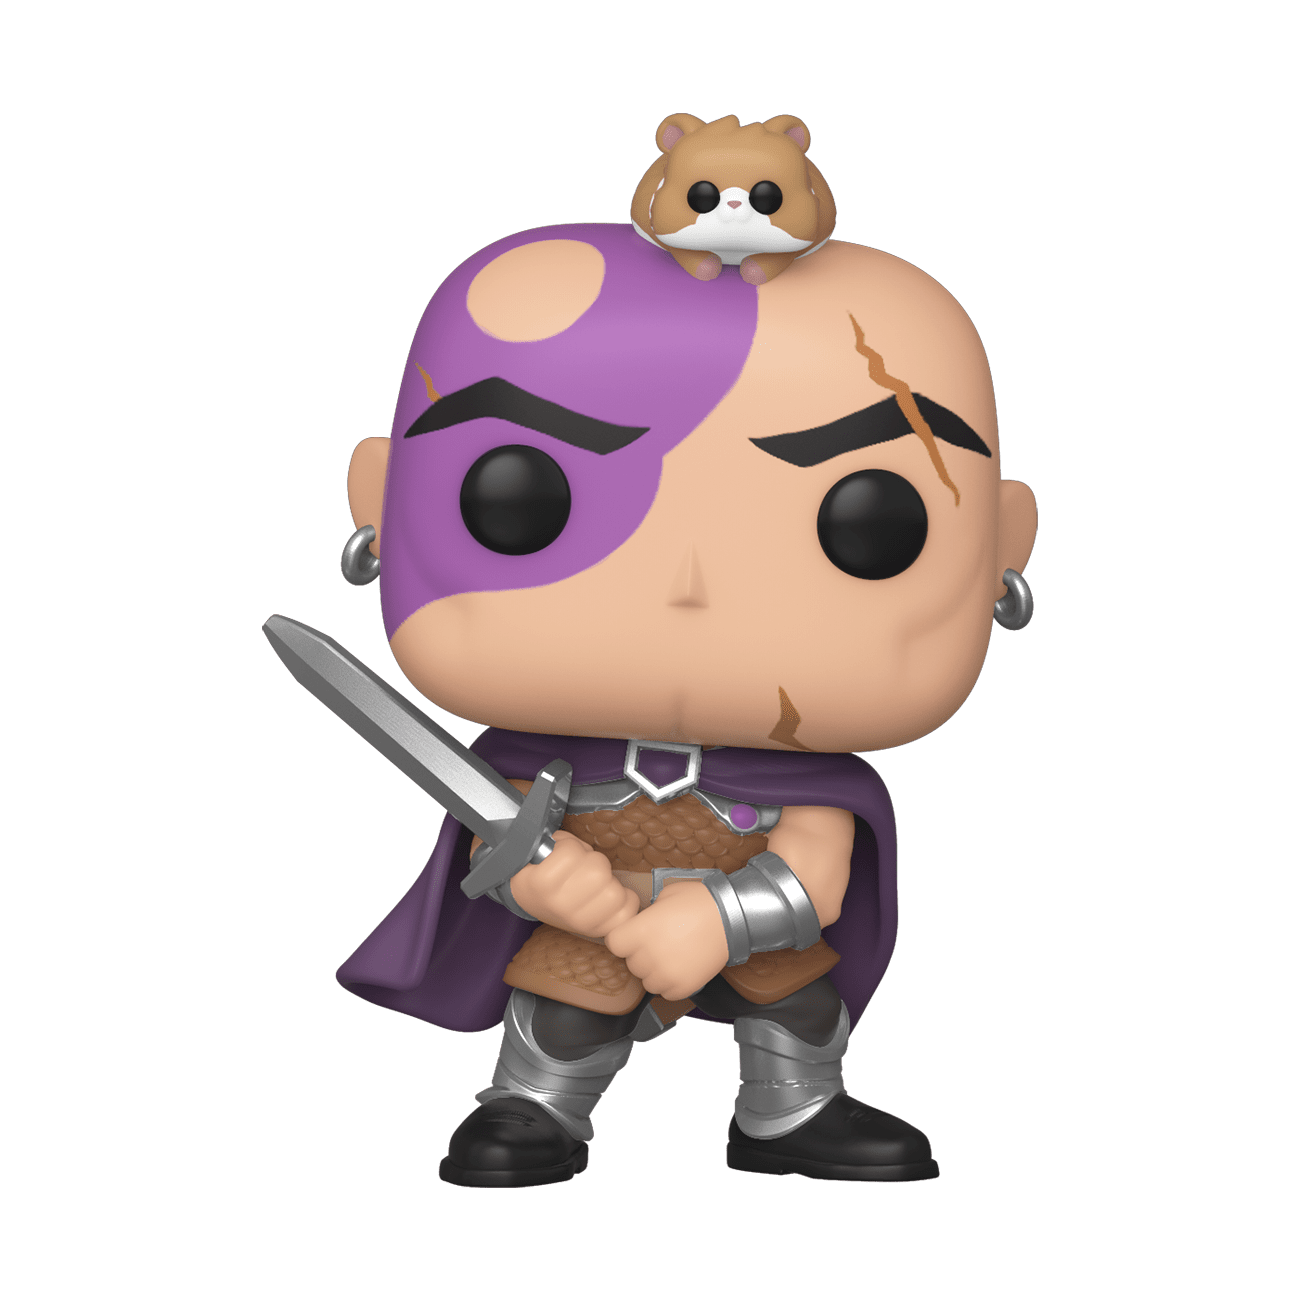 Pop! D&D: Minsc & Boo